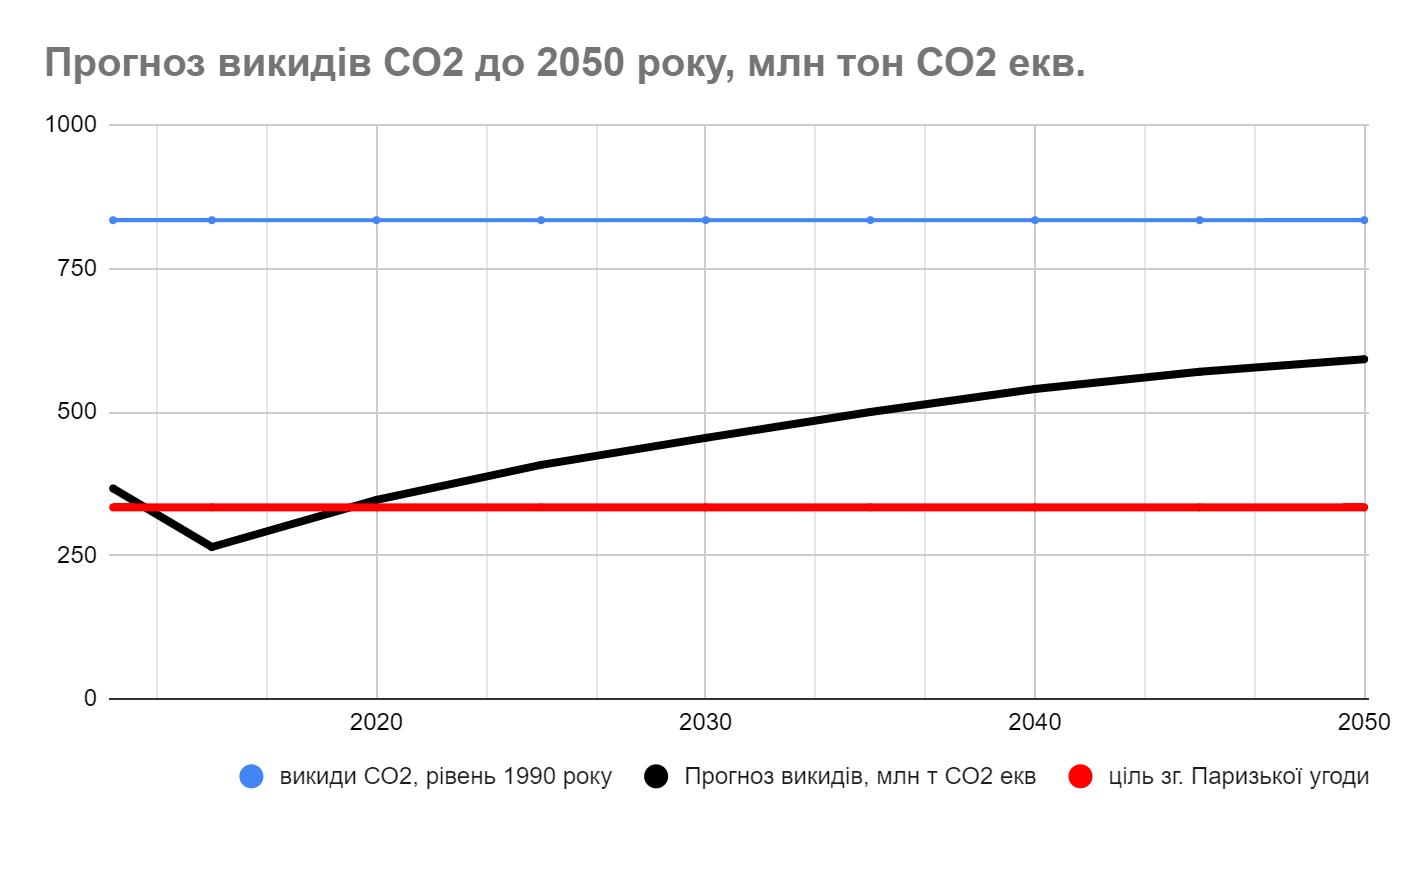 рис.3 Прогноз викидів СО2 за консервативним сценарієм згідно Стратегії низьковуглецевого розвитку України